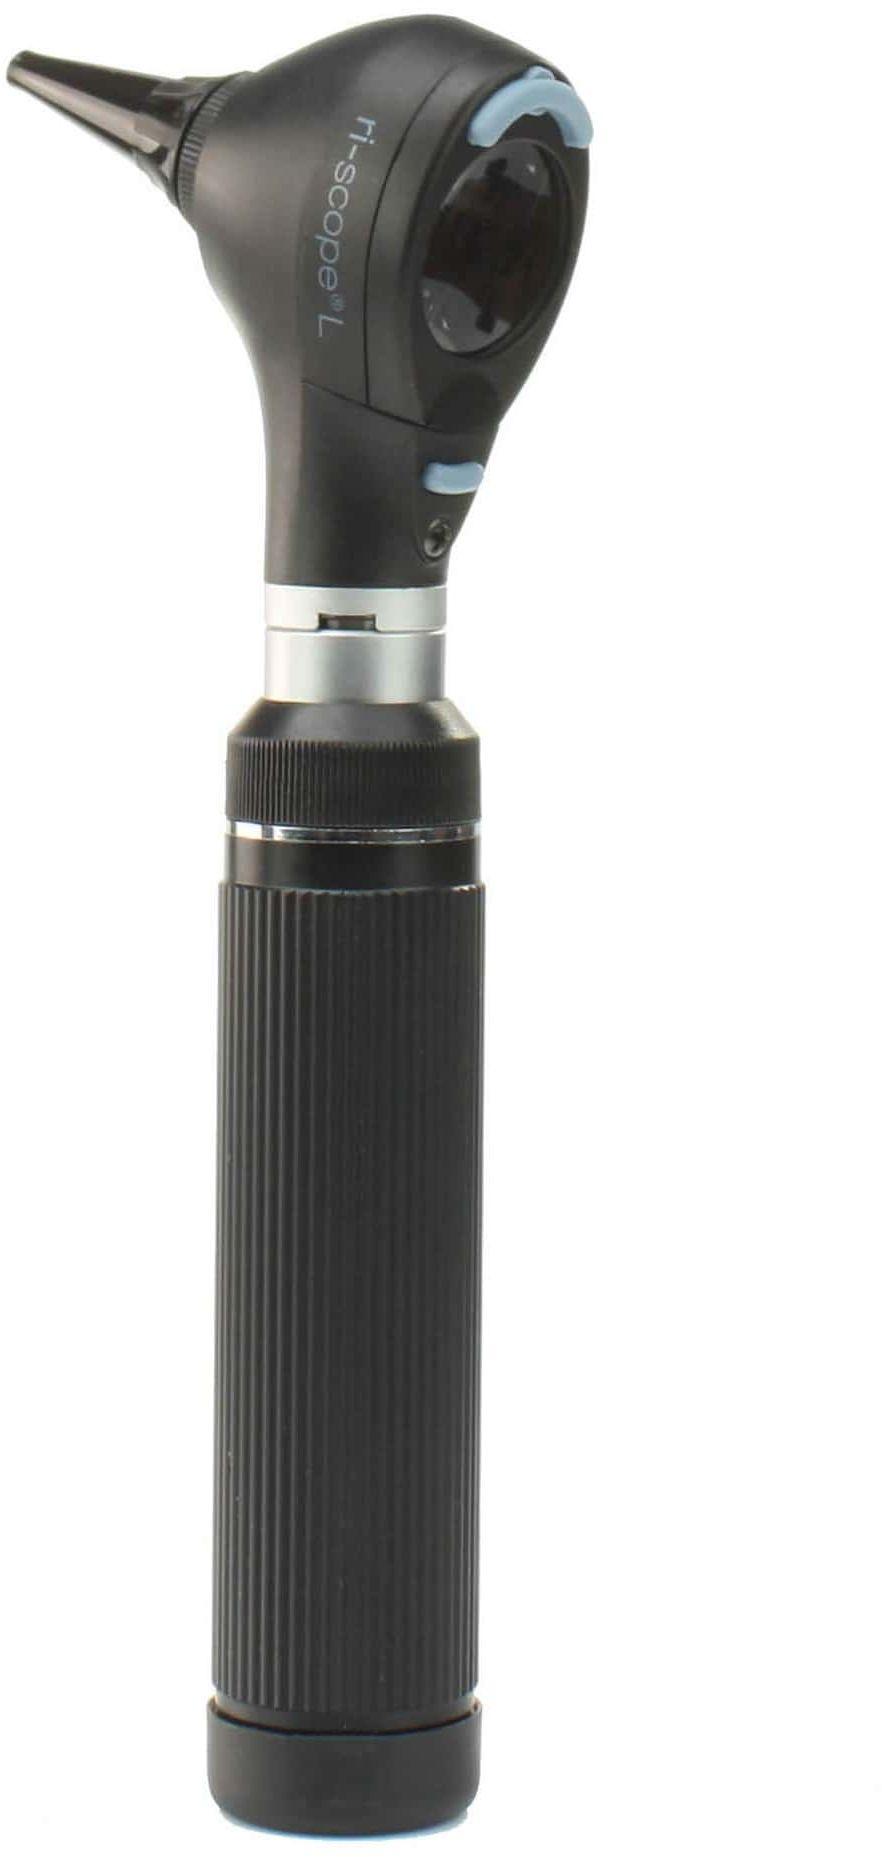 Riester ri-scope L3 otoskop światłowodowy XL 2,5 V z bateryjną rękojeścią typu C